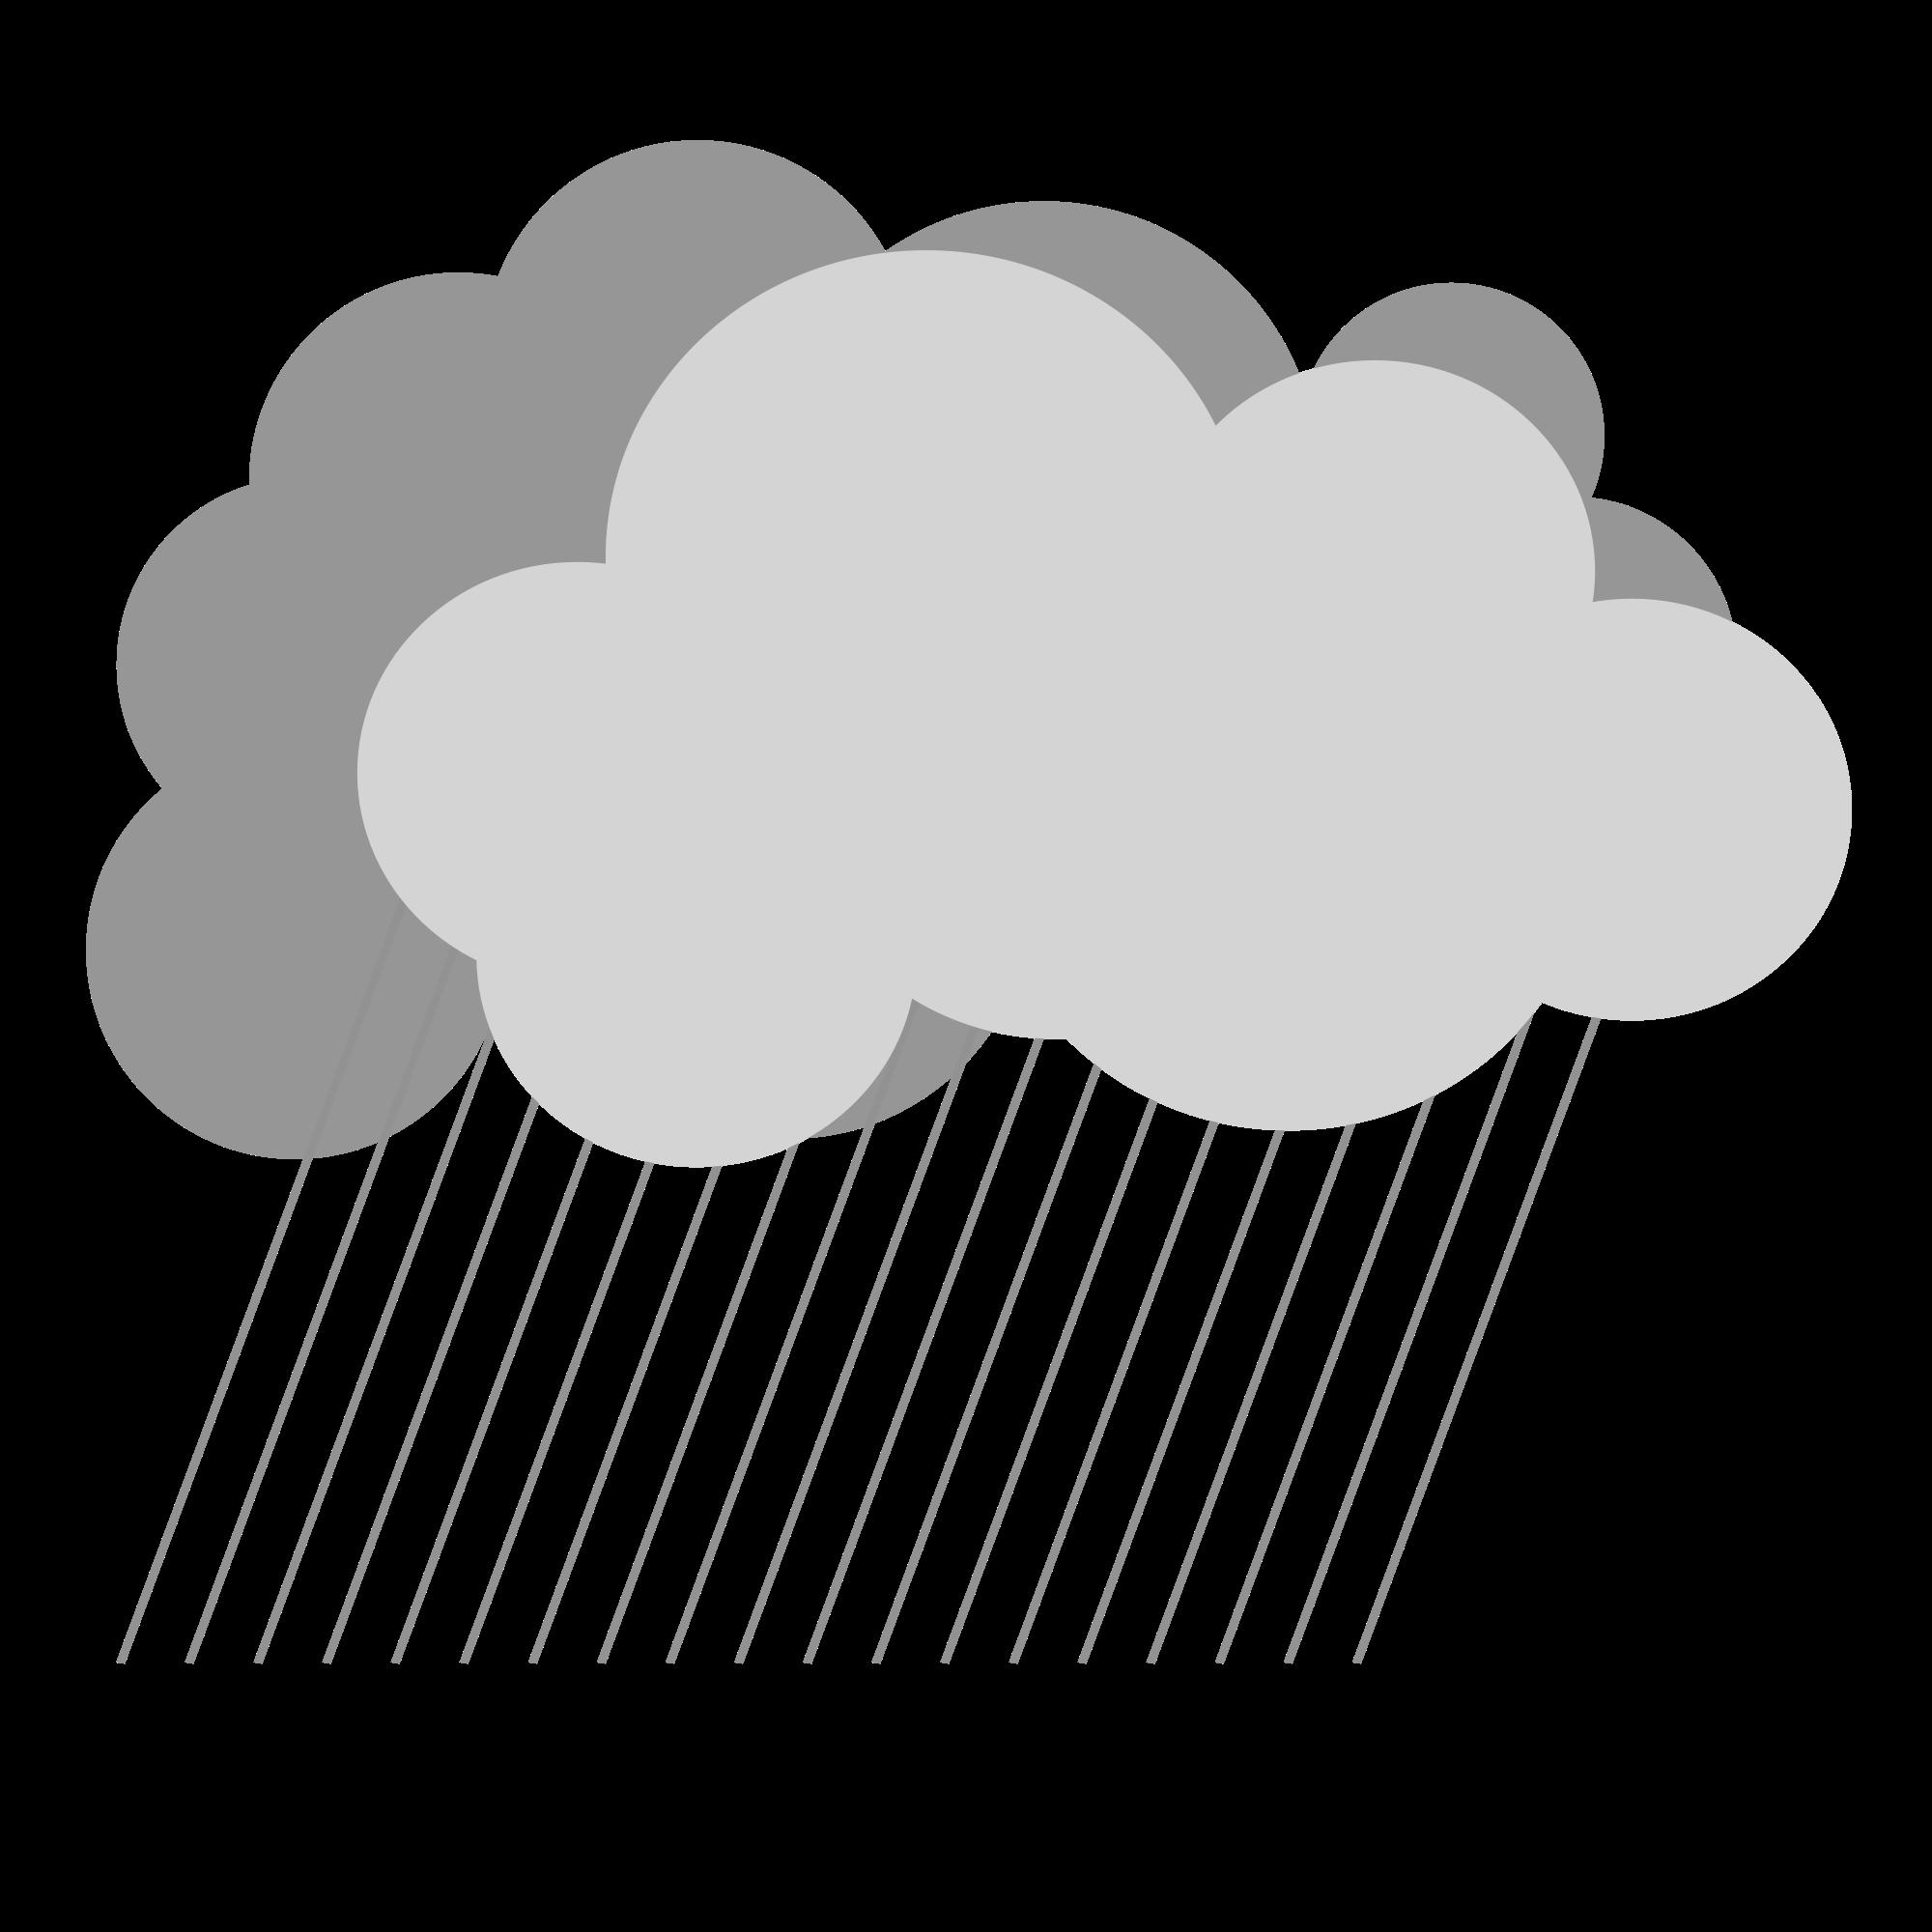 Rain svg #1, Download drawings